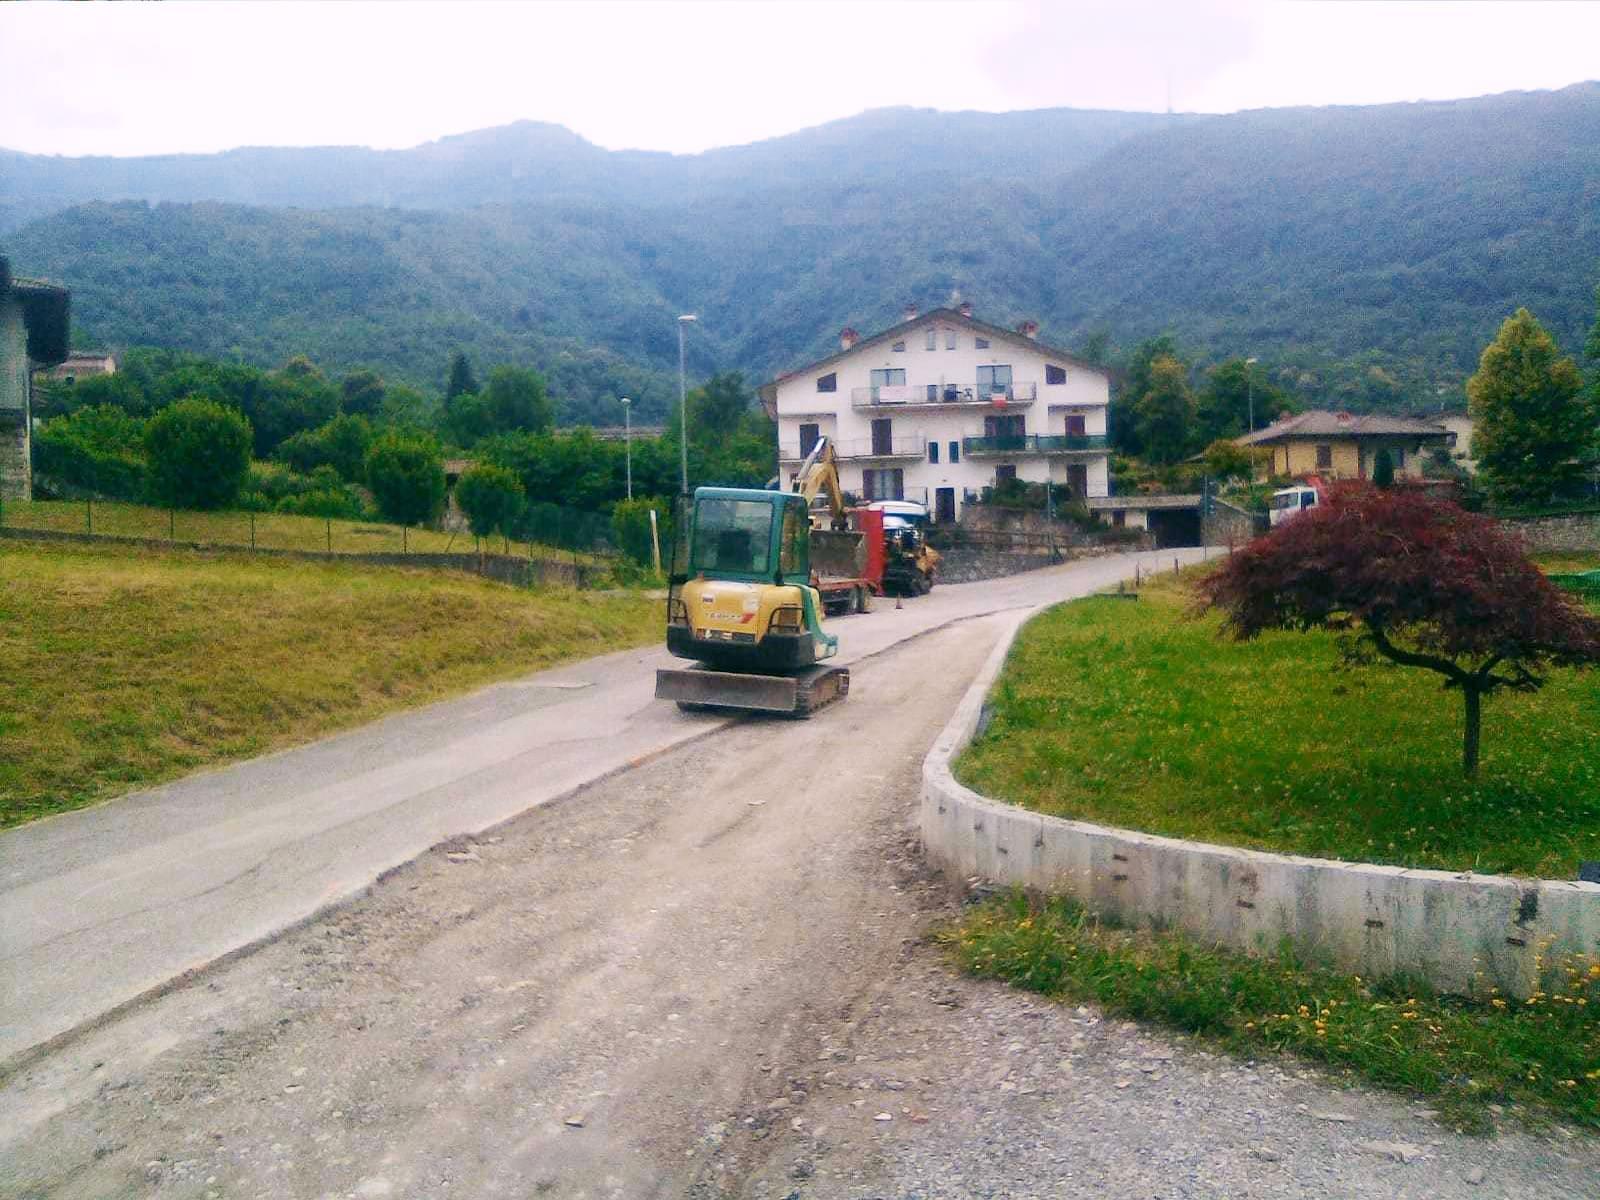 Messa in sicurezza strade comunali - Bedulita - 2